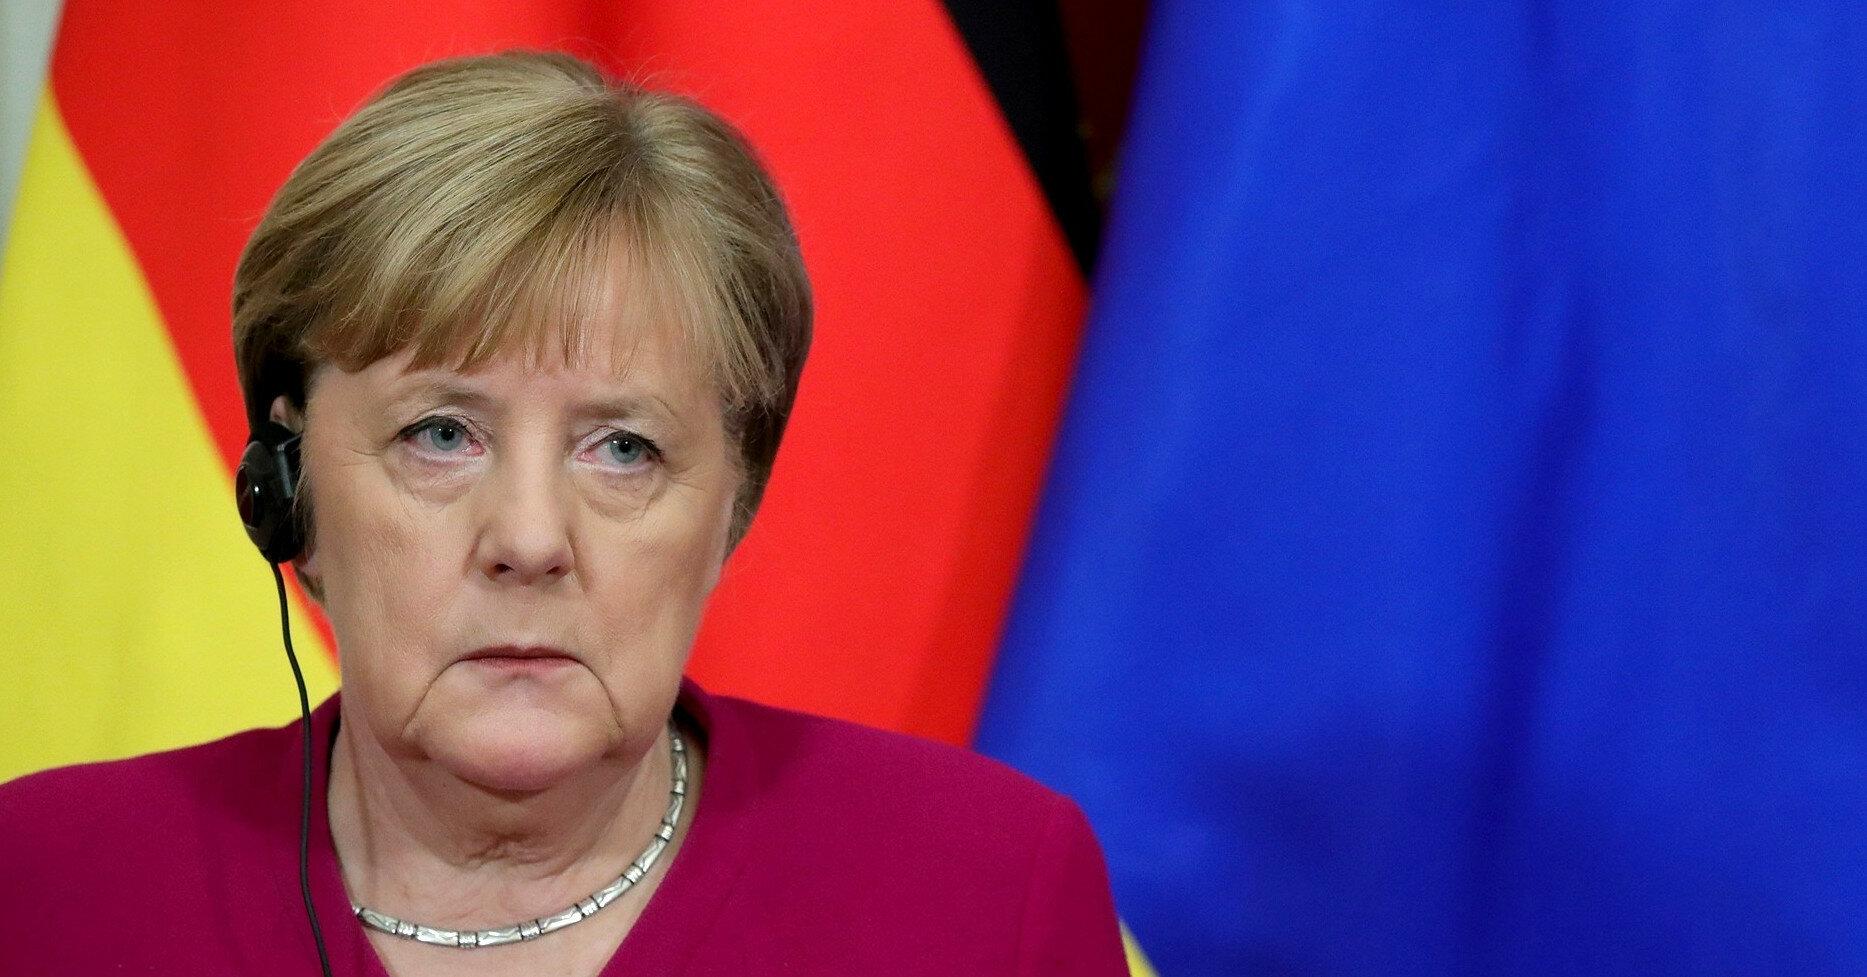 Участие Меркель в Крымской платформе под вопросом - ОП